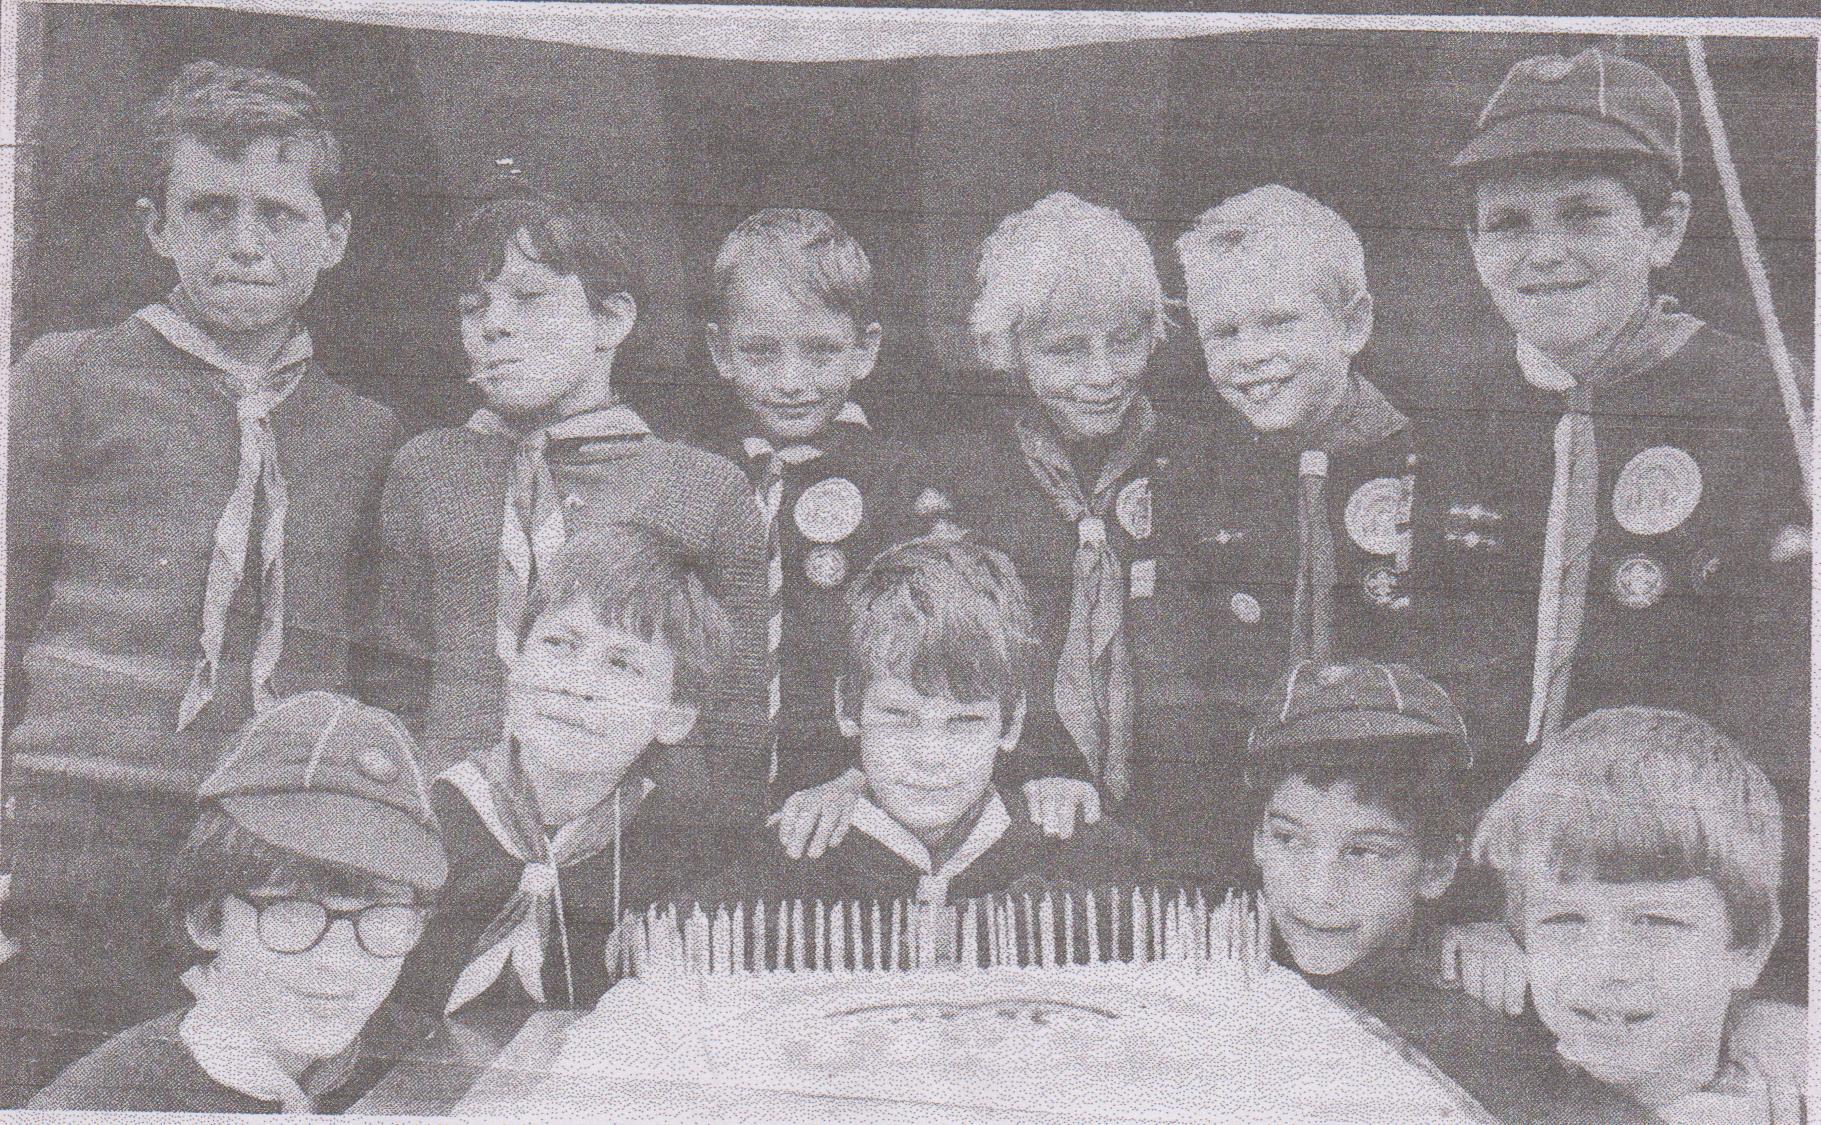 cubs_70th_anniversary_1986_001.jpg